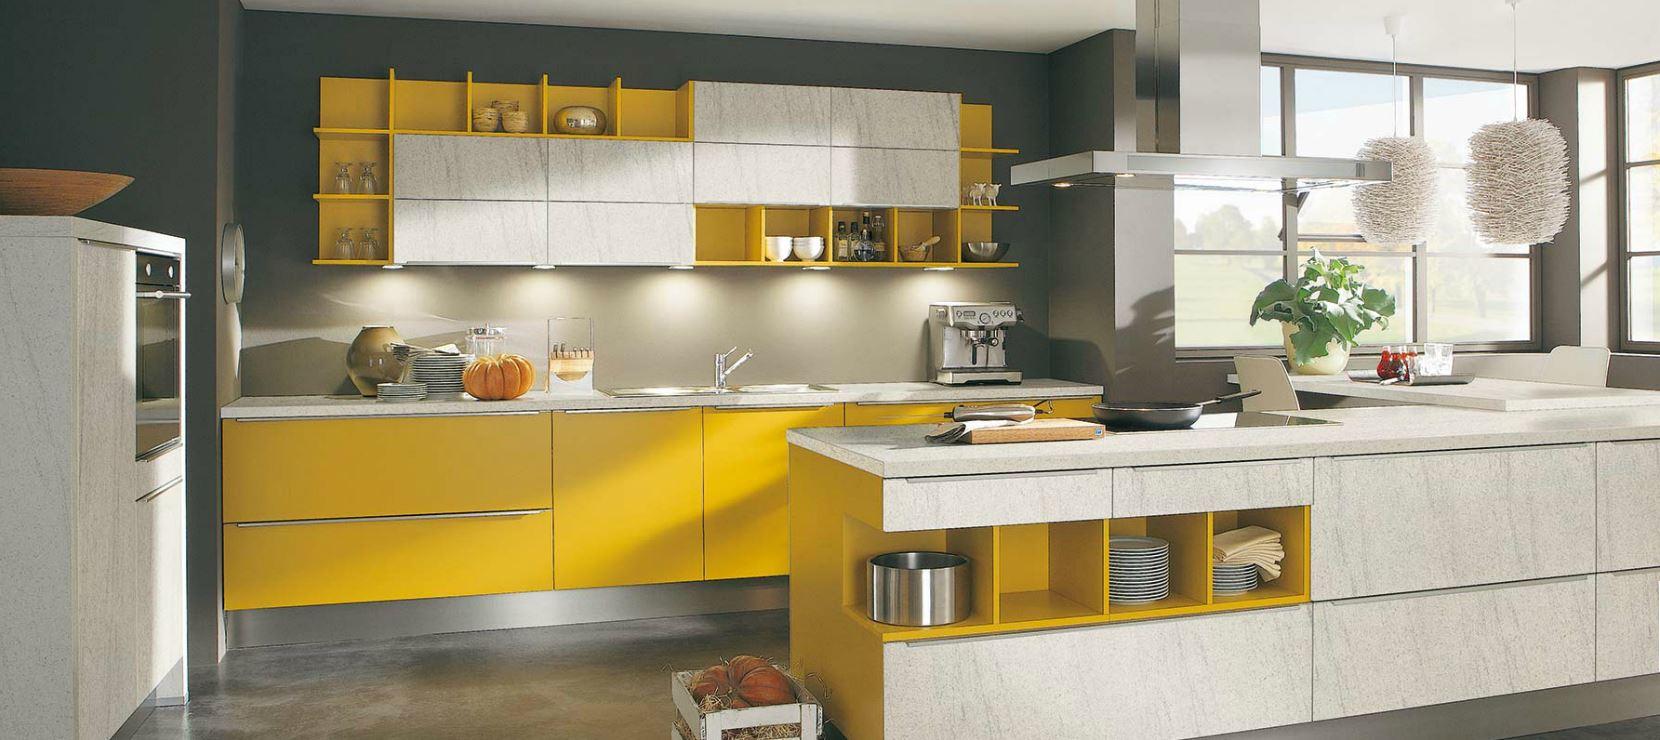 Deco tendencia en cocinas a todo color virlova style - Cocinas nuevas tendencias ...